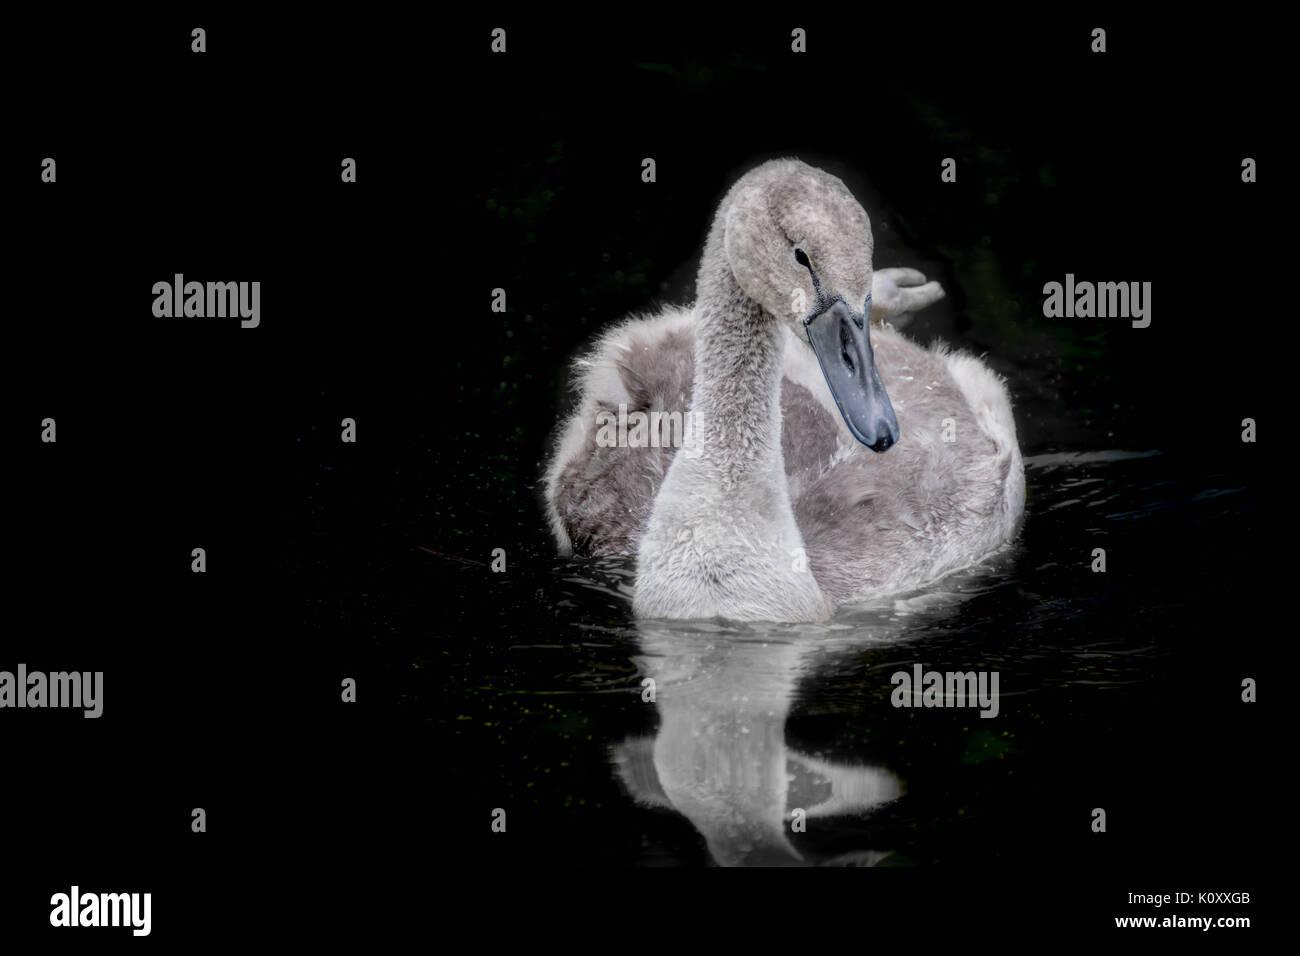 Cygnet swimming, baby swan Stock Photo